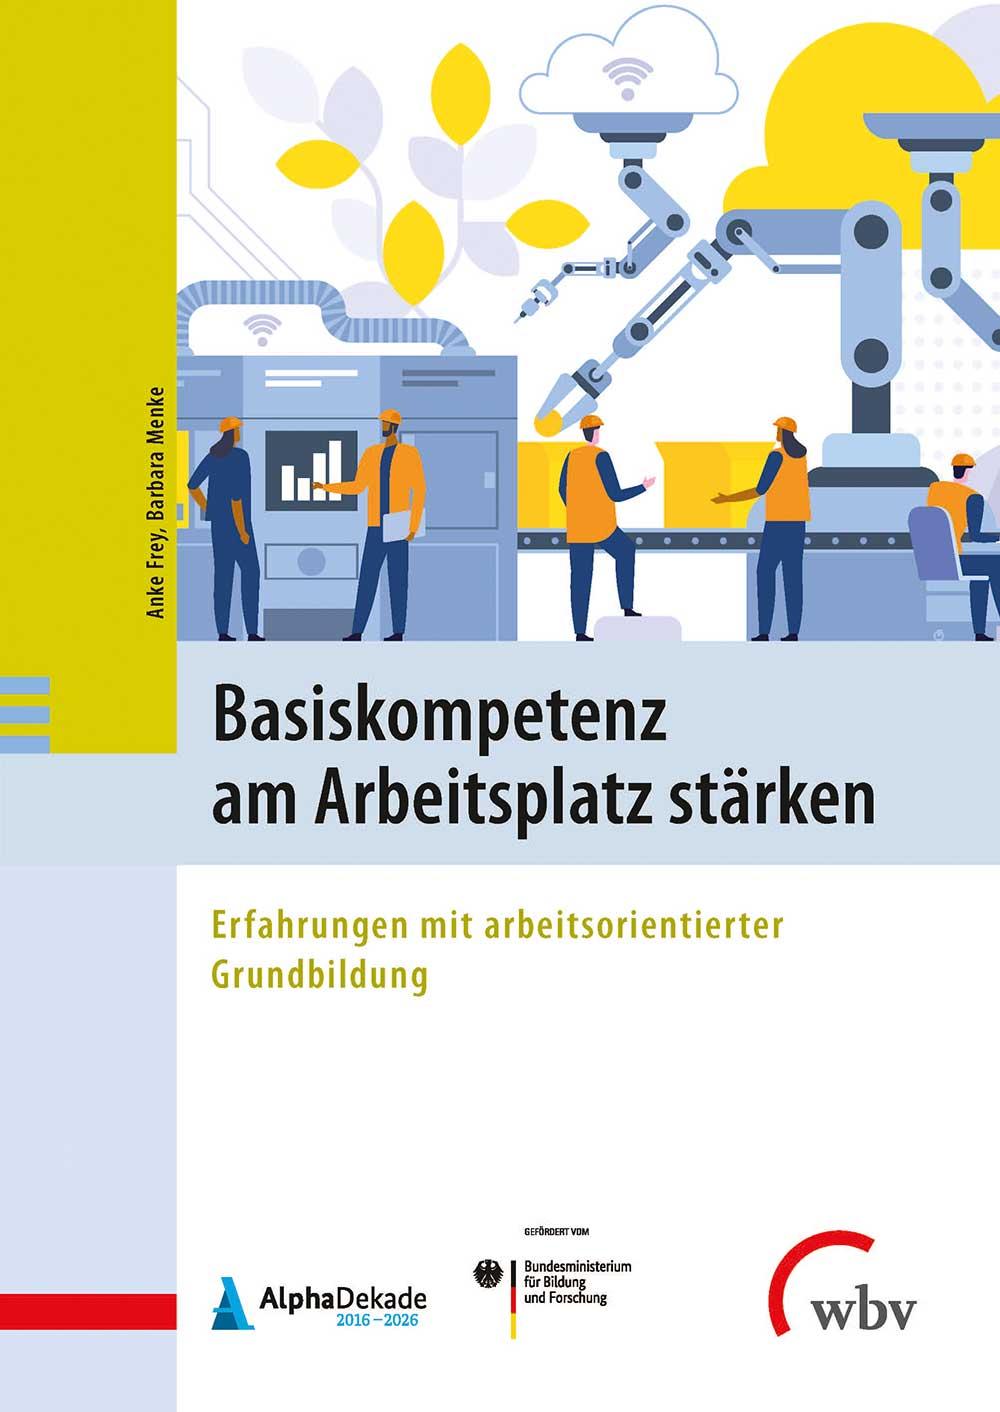 Basiskompetenz am Arbeitsplatz stärken